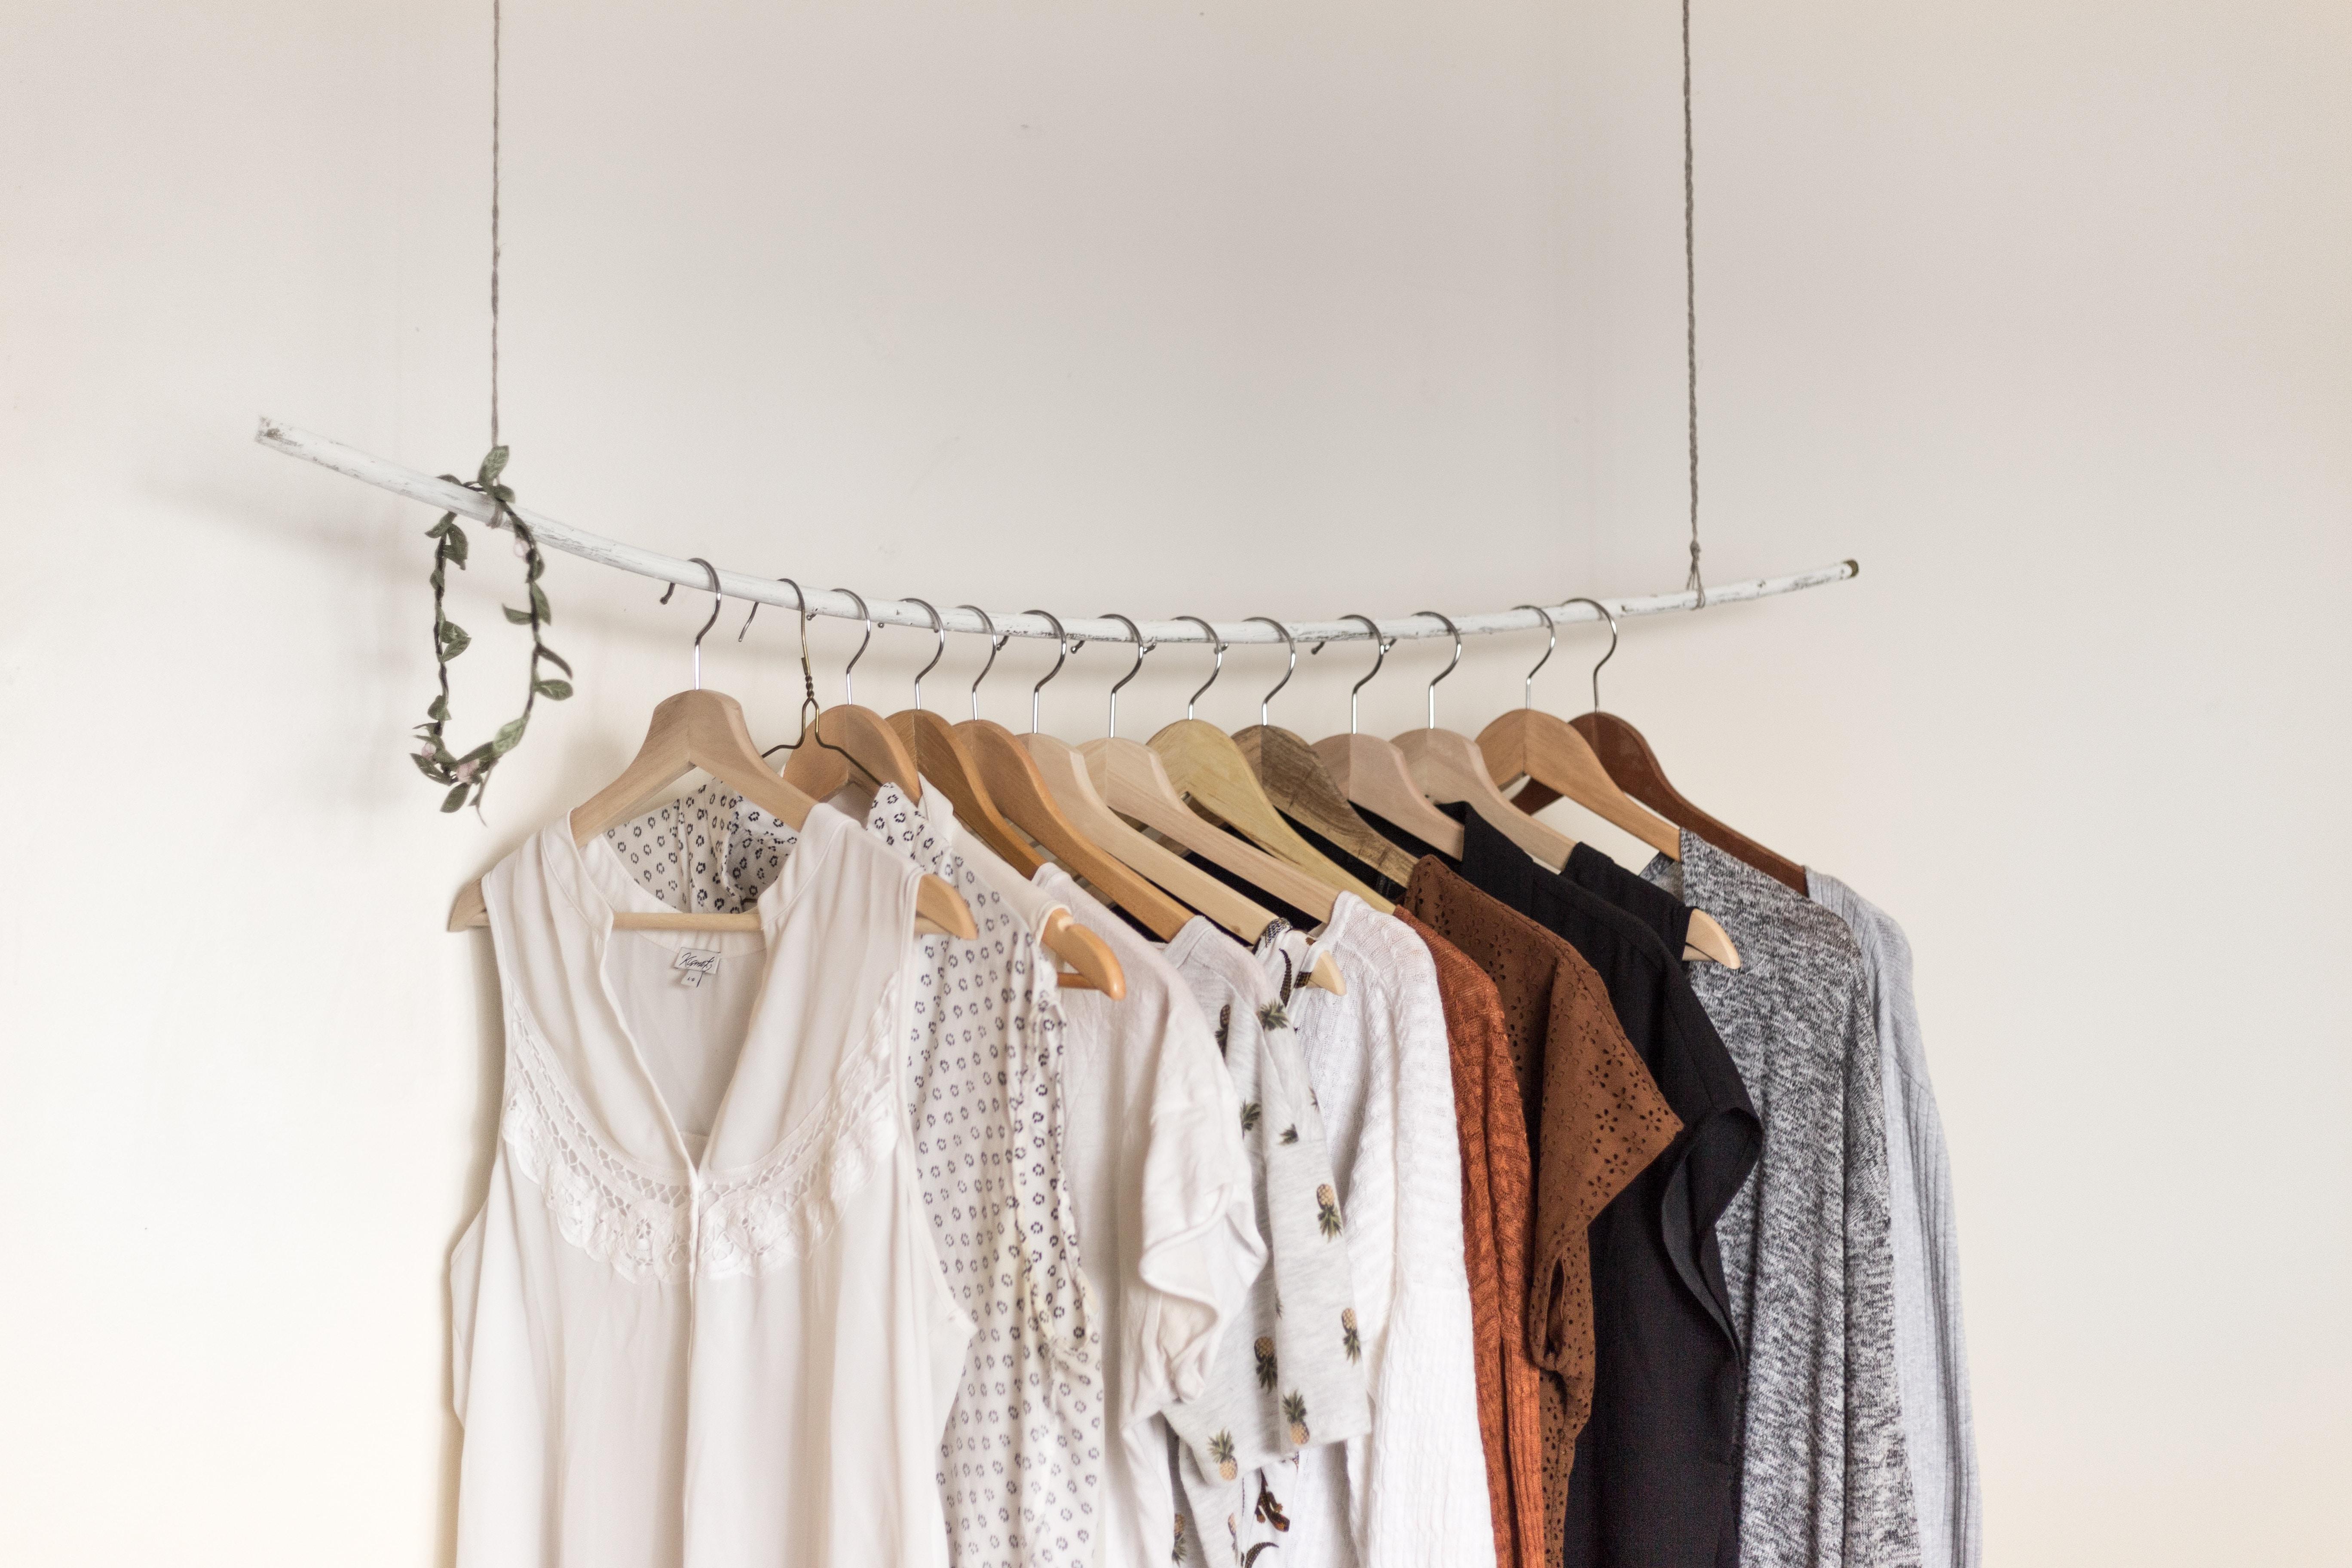 Bekleidung / Clothing